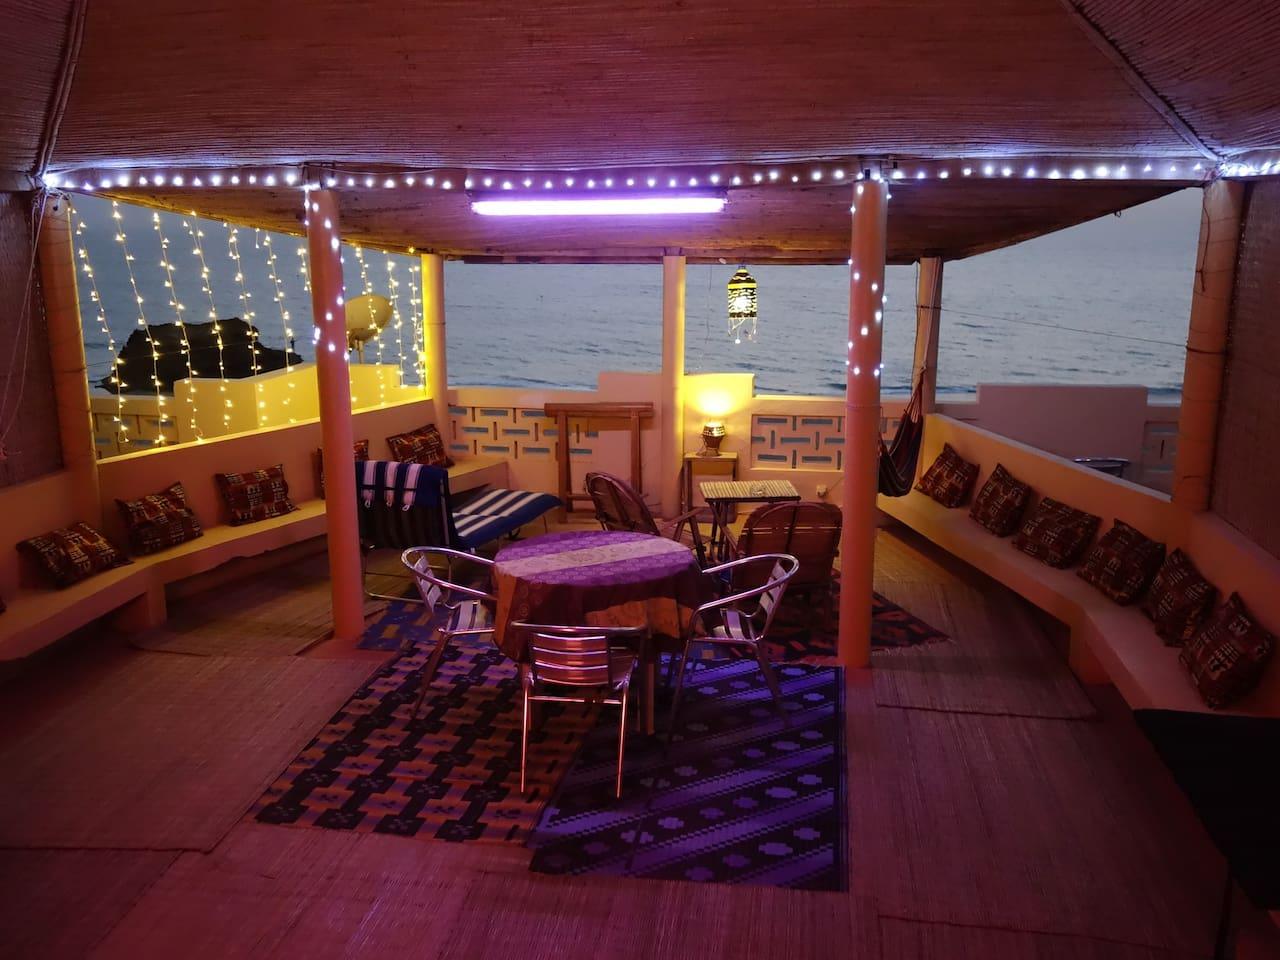 Le K' pitaine est un carbet en matériaux naturels en forme de bateau semi ouvert et au dessus de l'océan. On peut y dormir en hamacs, en lit de camps ou sur un grand lit double. C'est un espace partagé qui donne le goût des voyages et de la liberté.